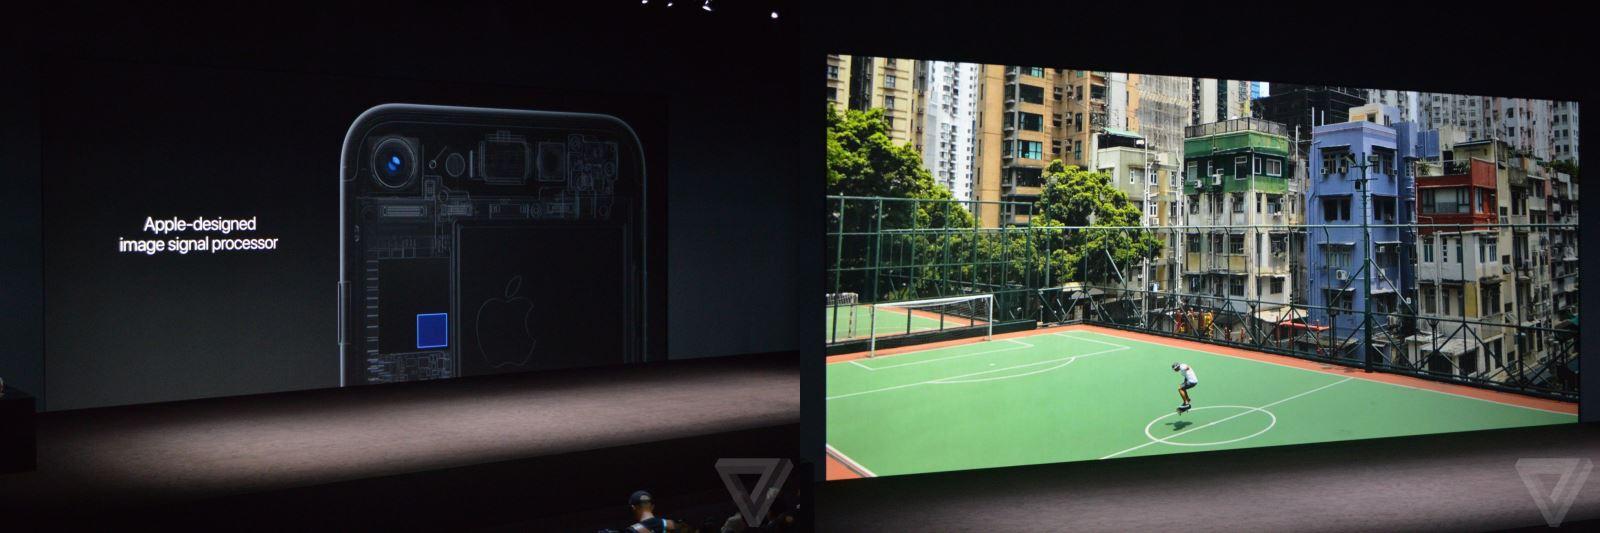 Bộ đôi iPhone 7 và iPhone 7 Plus sở hữu bộ xử lý ảnh mới cho chất lượng cao hơn